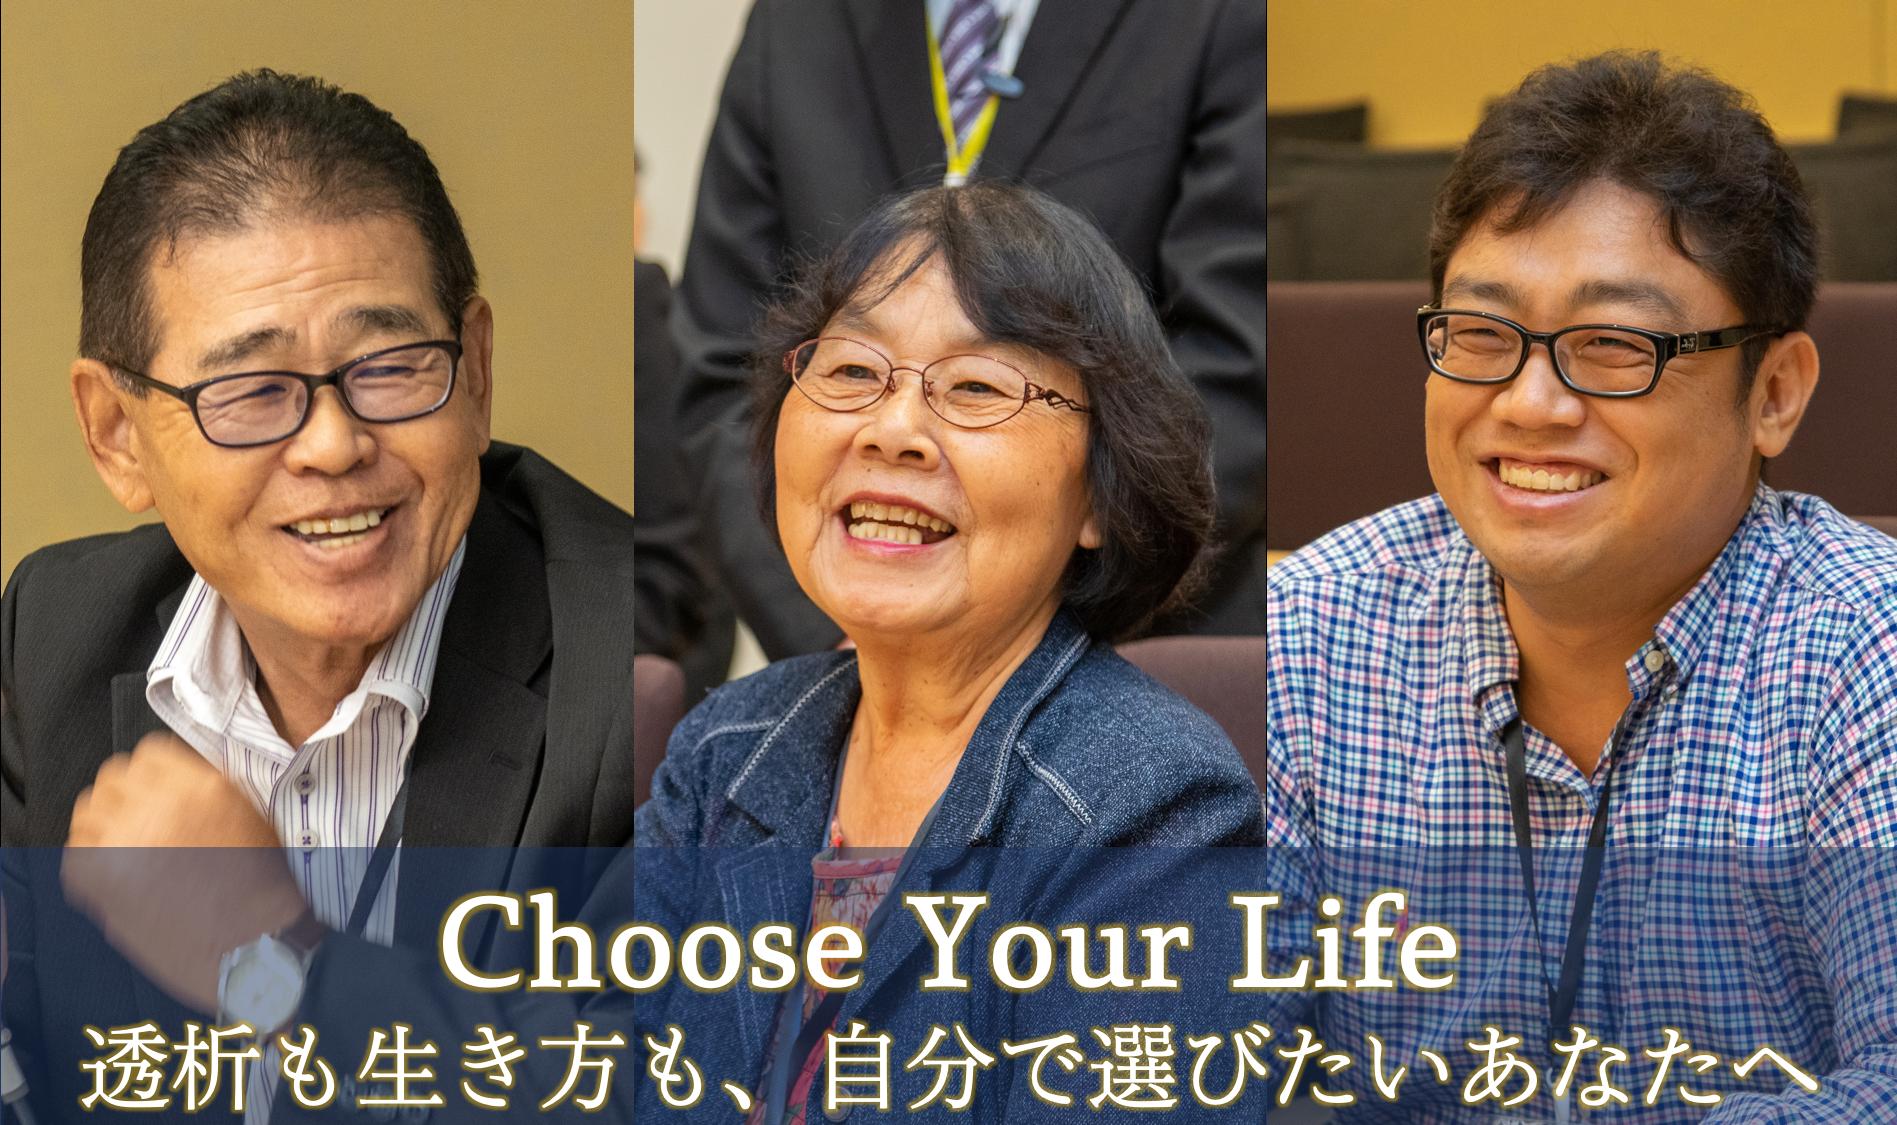 Choose Your Life透析も生き方も、自分で選びたいあなたへ